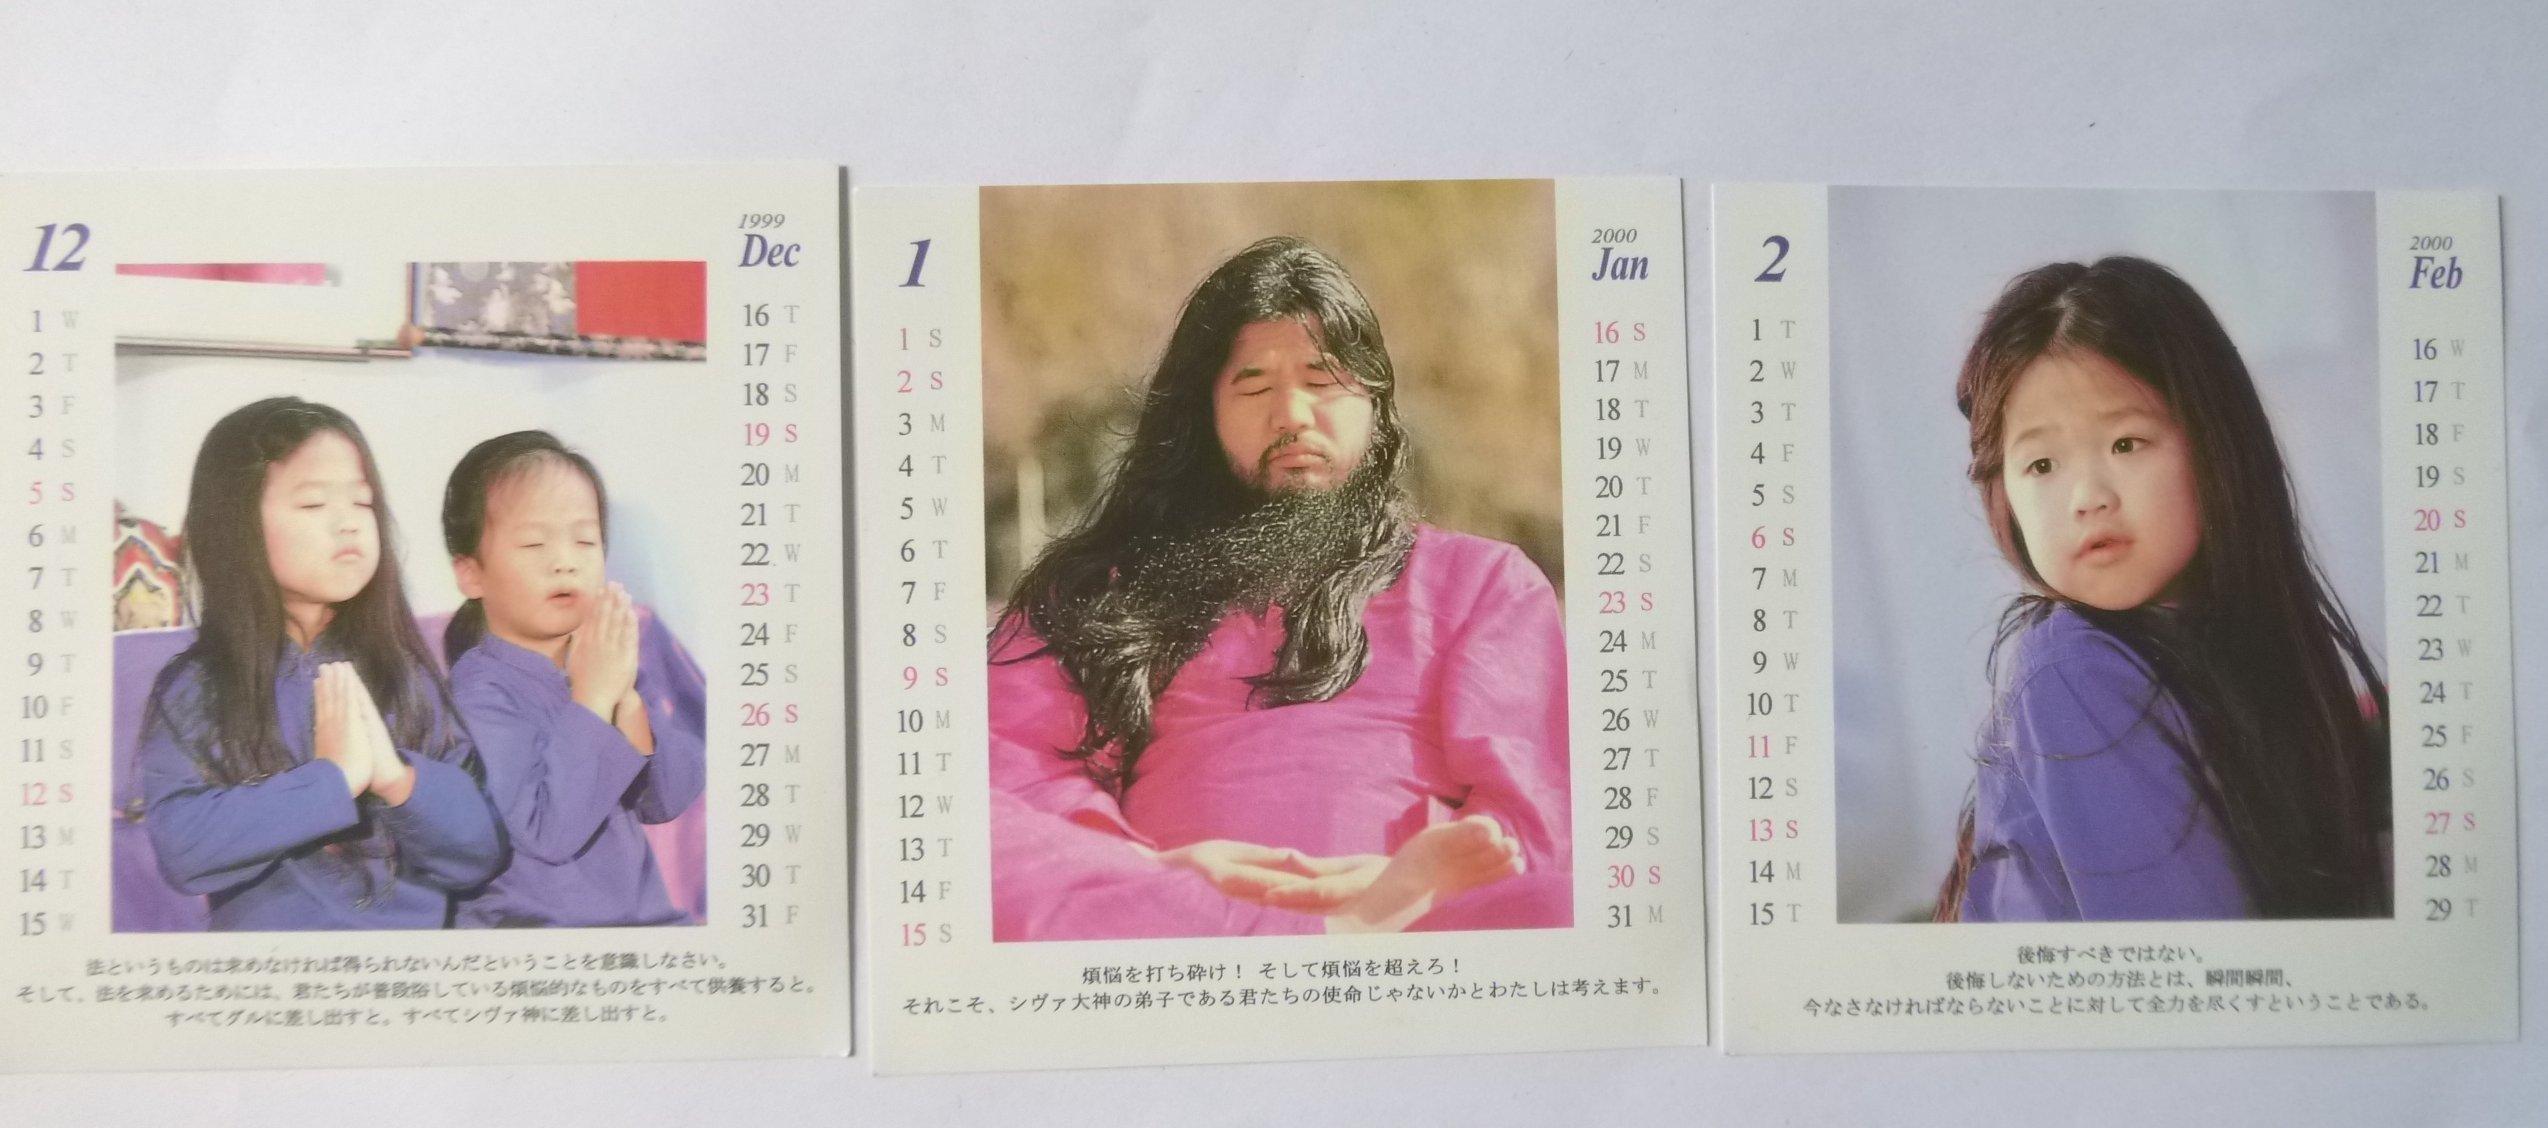 カレンダー 2014 カレンダー 暦 : さすがオウム真理教! これで ...